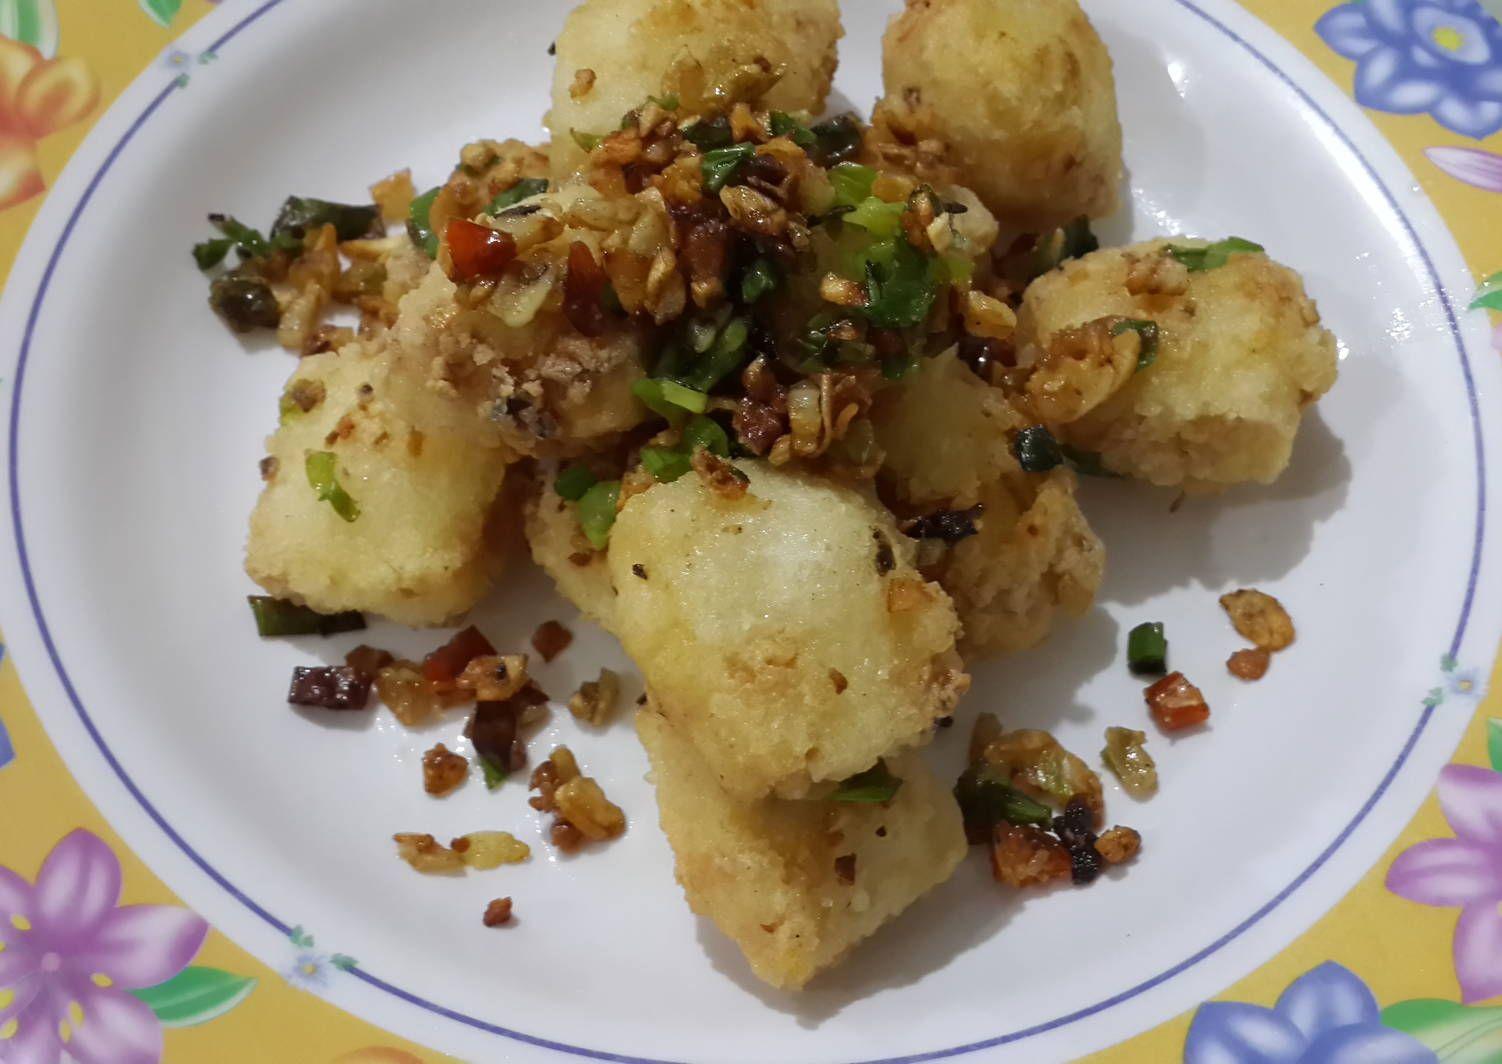 Resep Tahu Lada Garam Oleh Riska Erlinda Resep Resep Tahu Resep Resep Makanan